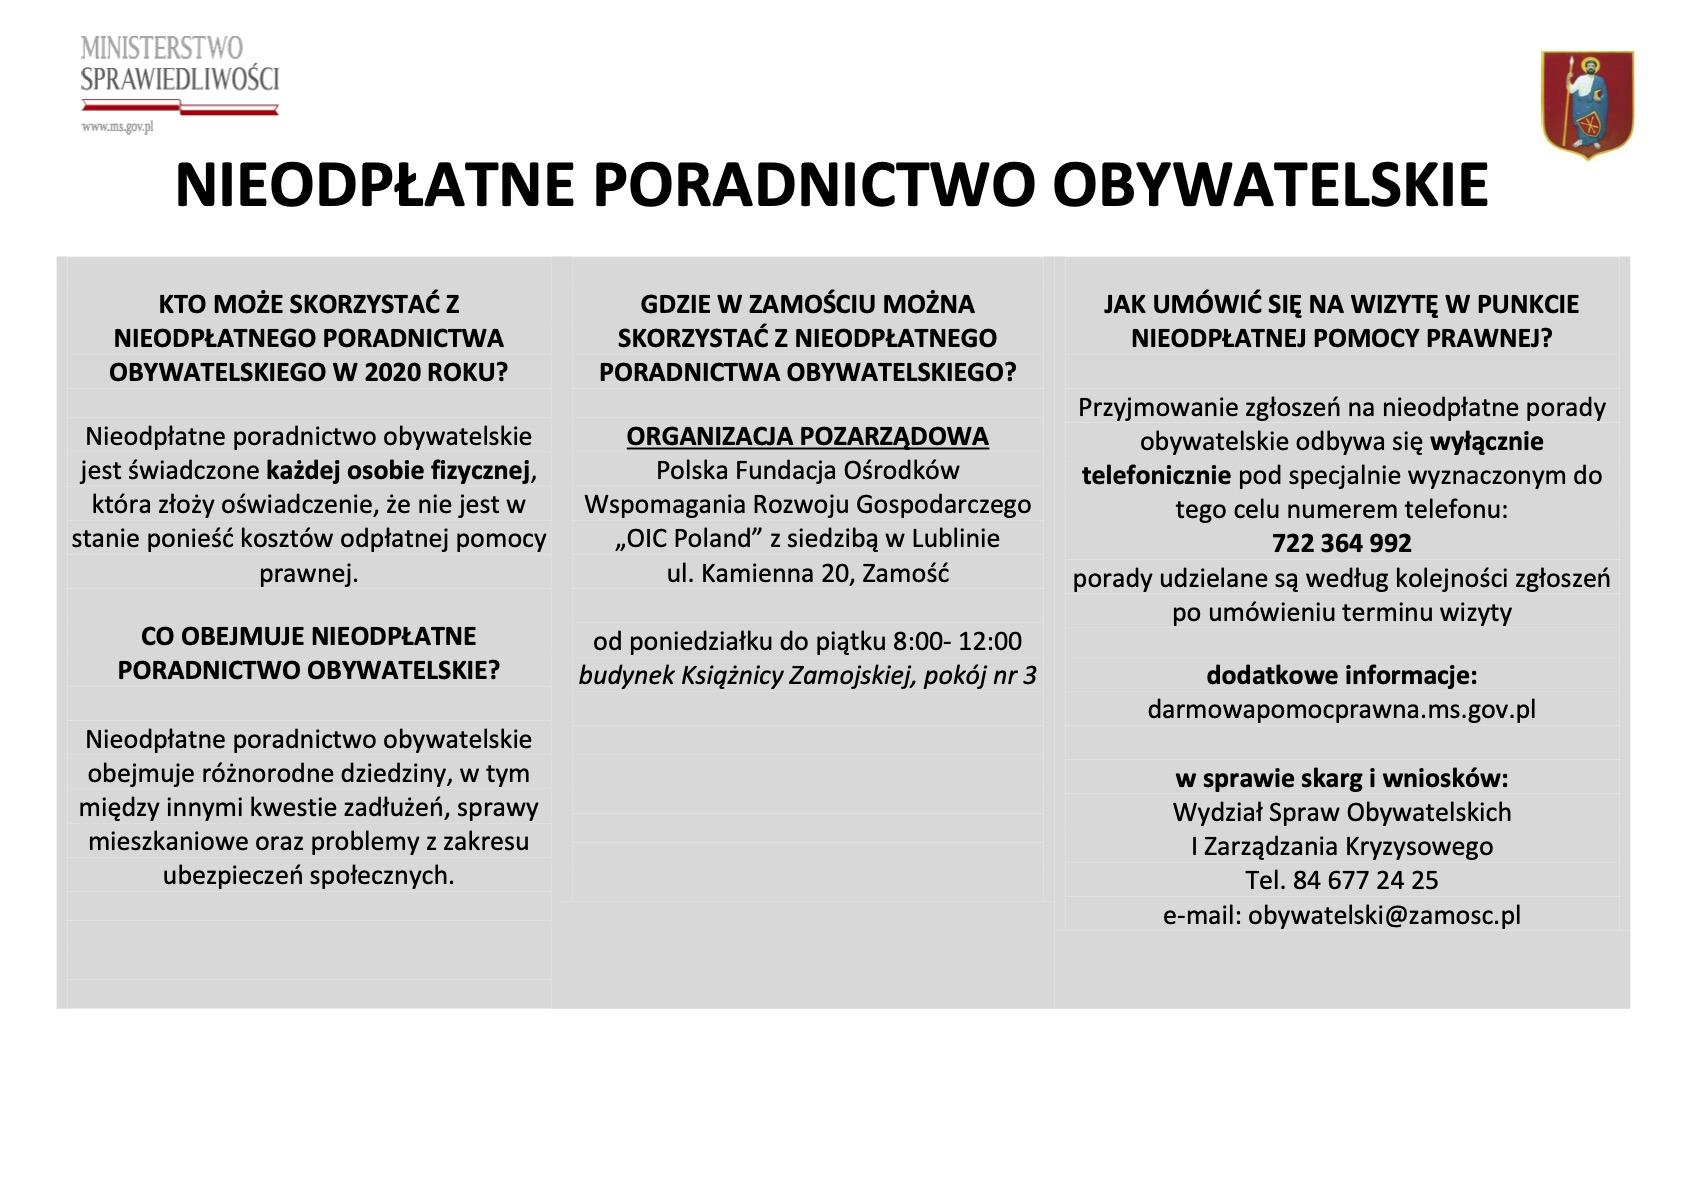 nieodplatne poradnictwo obywatelskie plakat informacyjn y ZAMOŚĆ: Porady prawne tylko z wykorzystaniem środków porozumiewania się na odległość